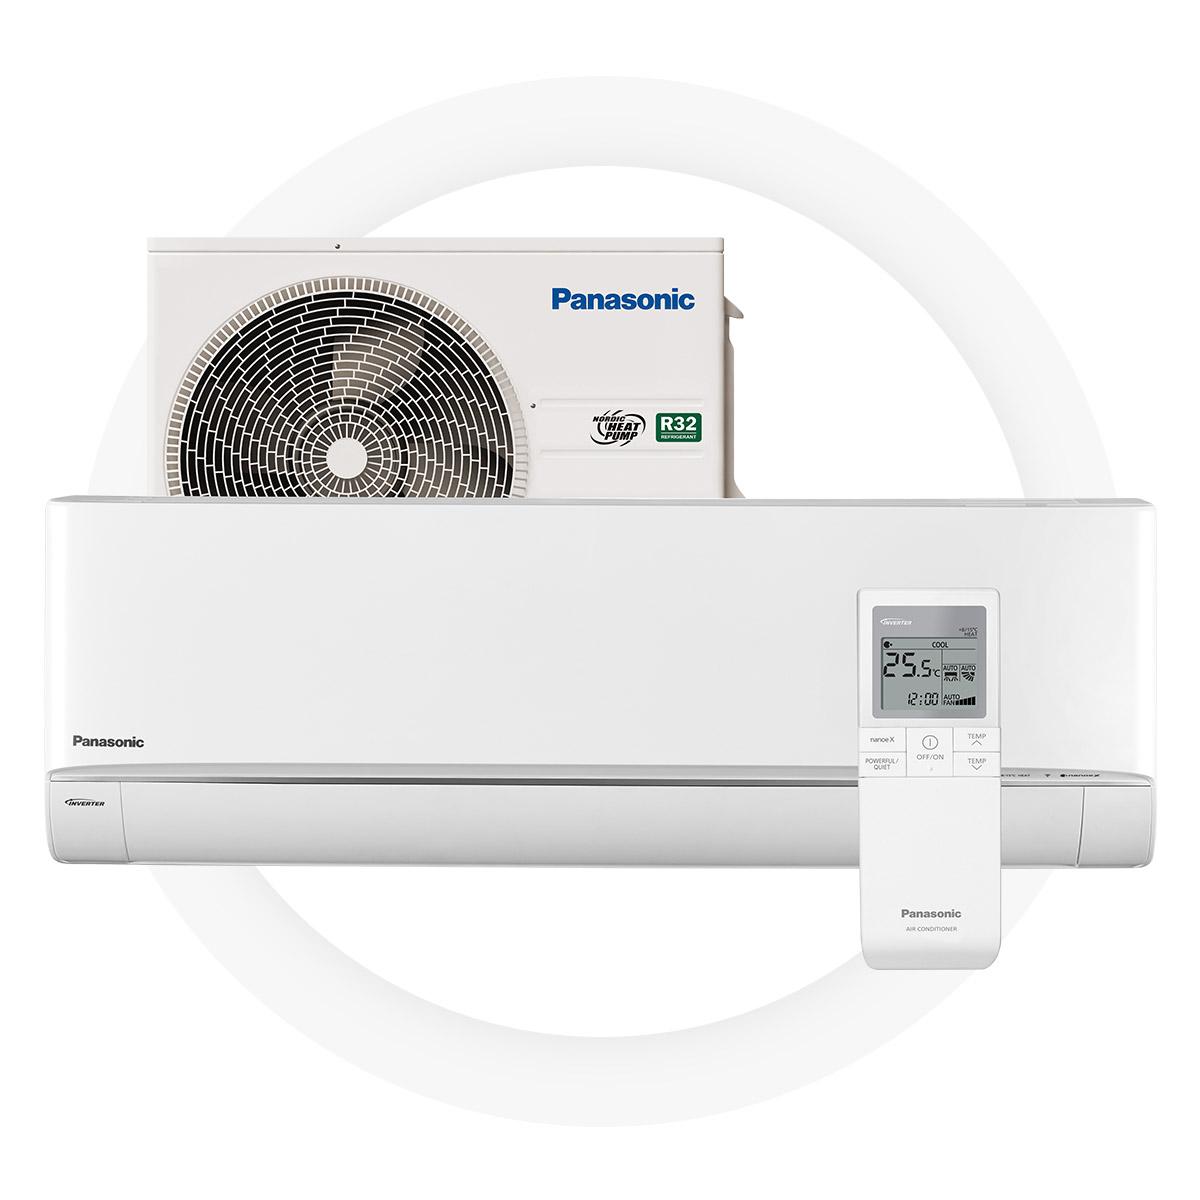 NYA Panasonic hz25uke - Bästa effektiviteten i sin klass – SCOP- värde på 5,38 garanterar stora besparingarA+++ energieffektivitetHögsta värmekapacitet i sin klass – 7,3 kWFungerar även vid en utomhustemperatur på -35°C Ren luft med nanoe™ X filteringssystemOtroligt tyst arbetsläge – bara 18 dB5 års full fabriksgaranti från Panasonic